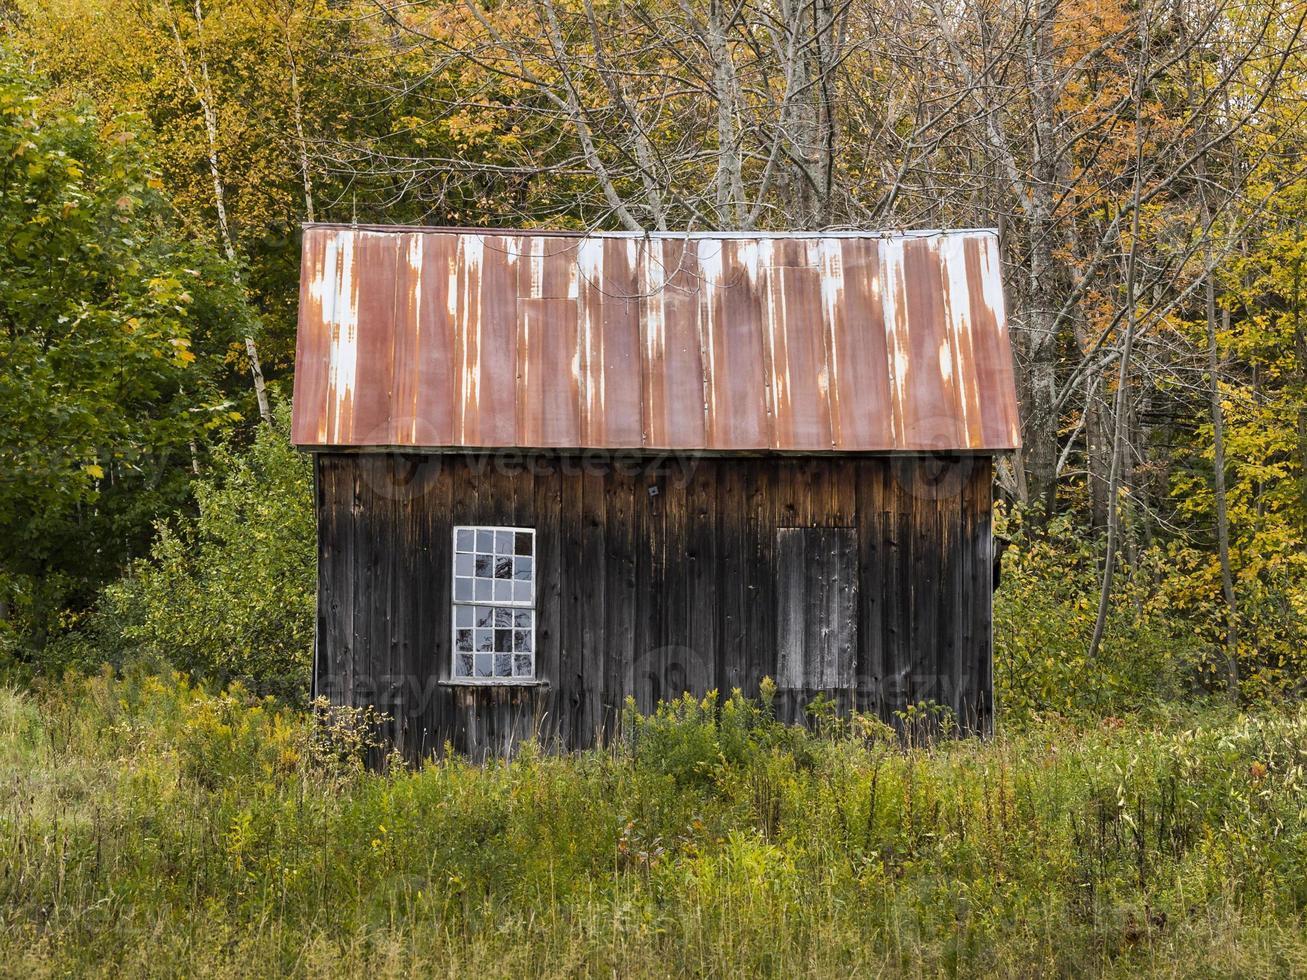 cabana de madeira velha com duas aberturas de janela foto